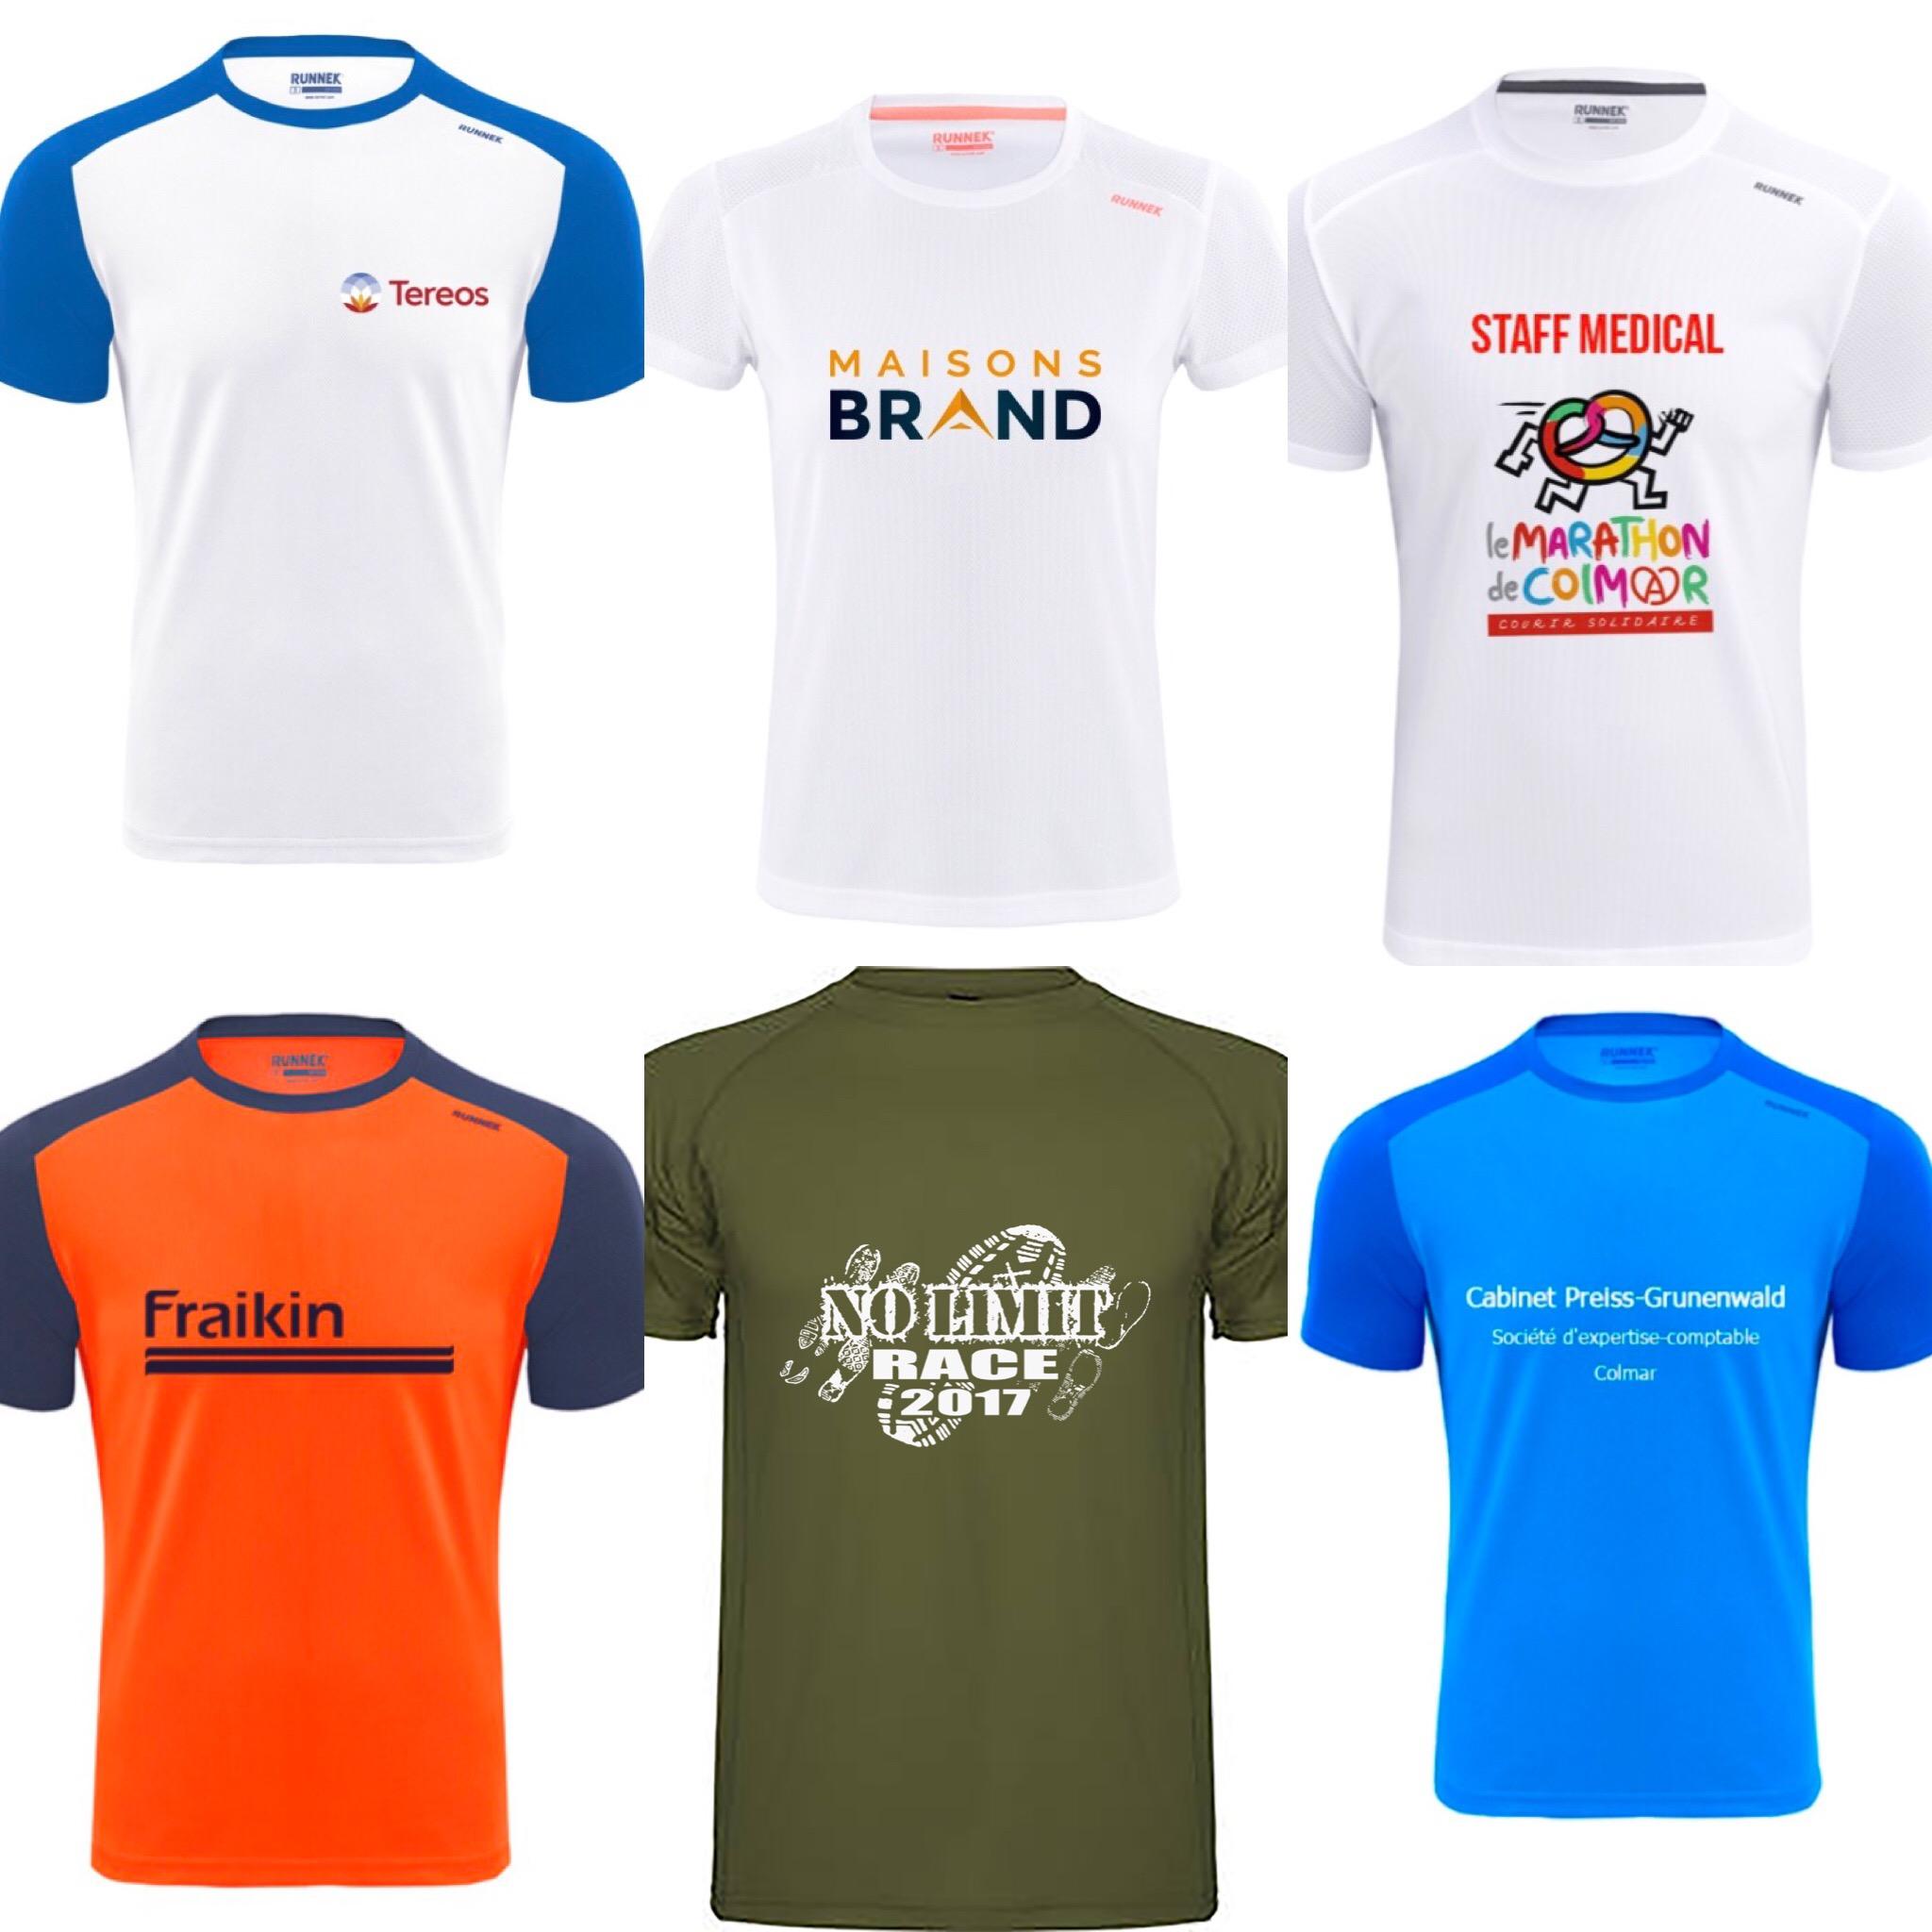 Tshirt Entreprises pour le Marathon de Colmar